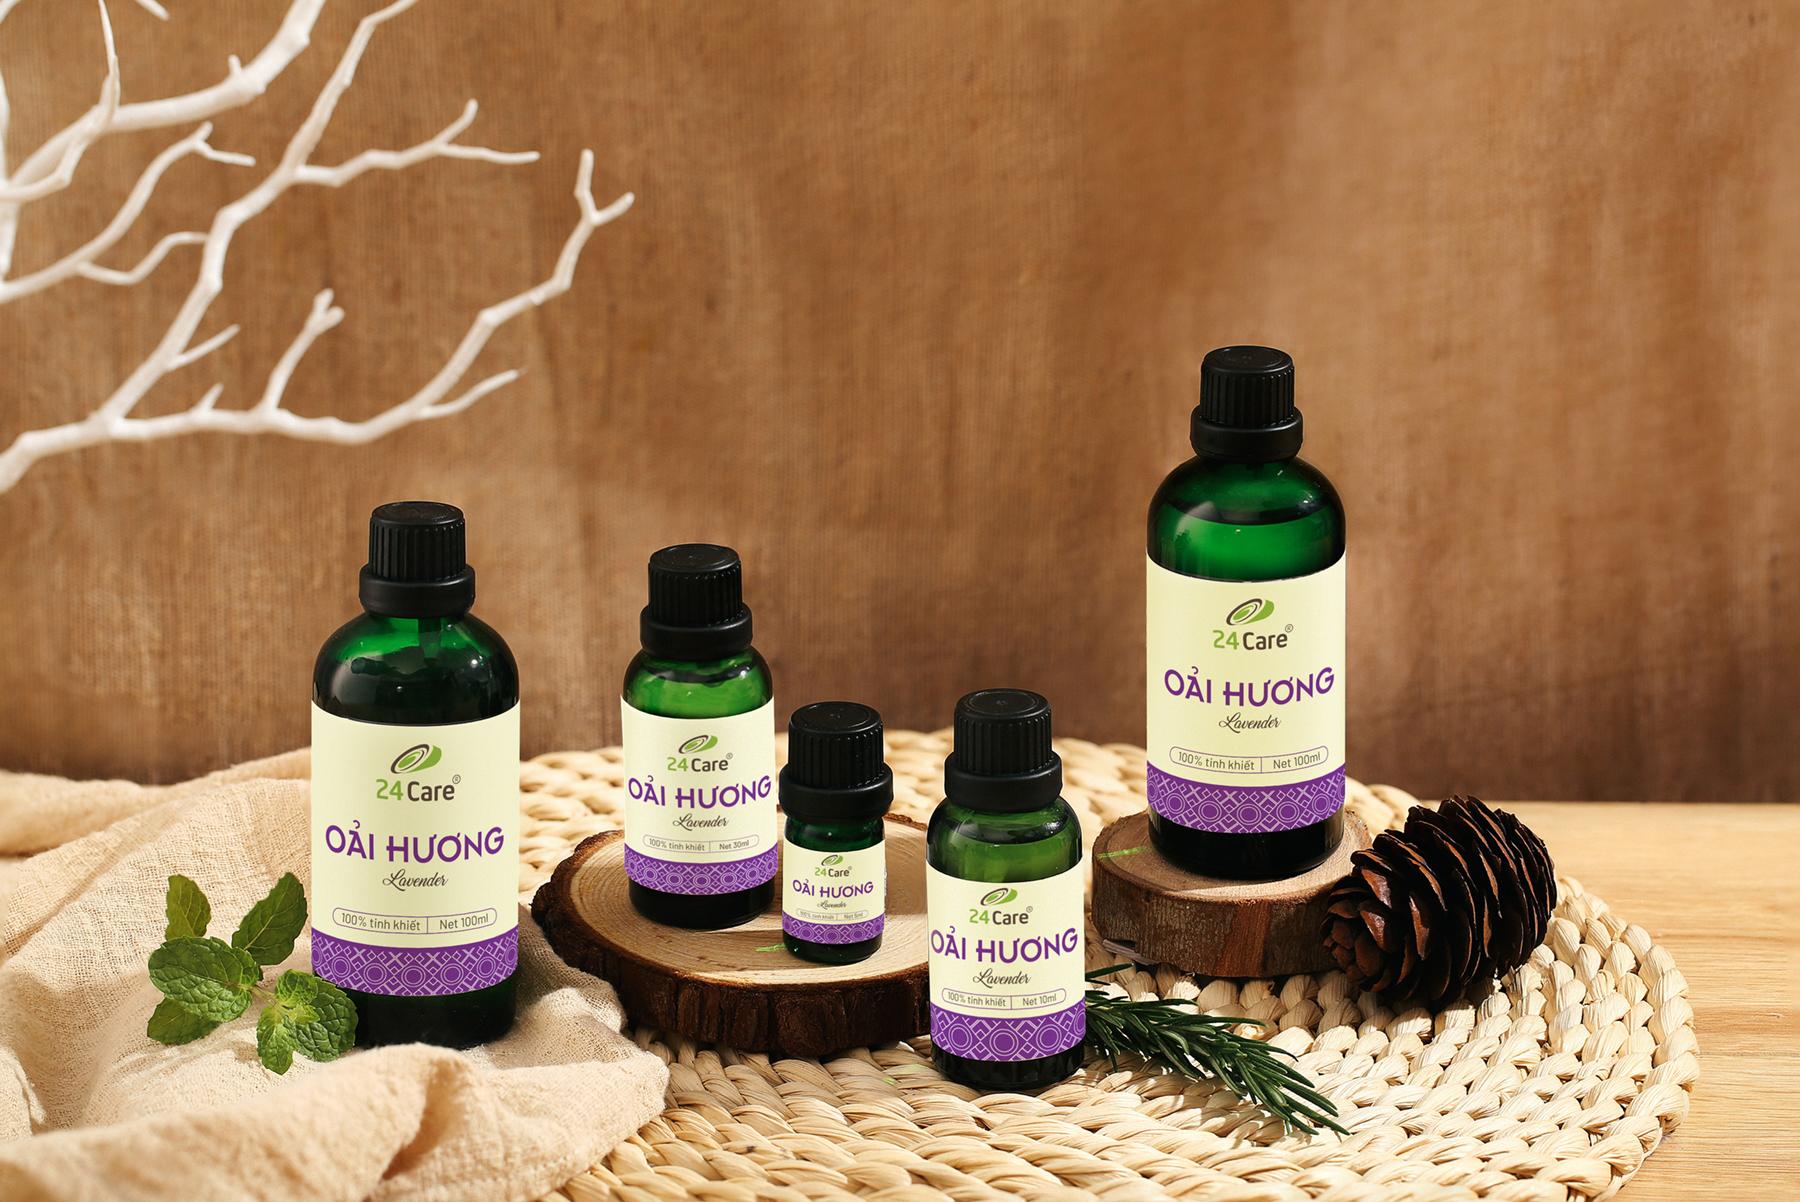 Tinh dầu Oải Hương 24Care - xông phòng giảm stress, lưu hương tốt, chiết xuất thiên nhiên